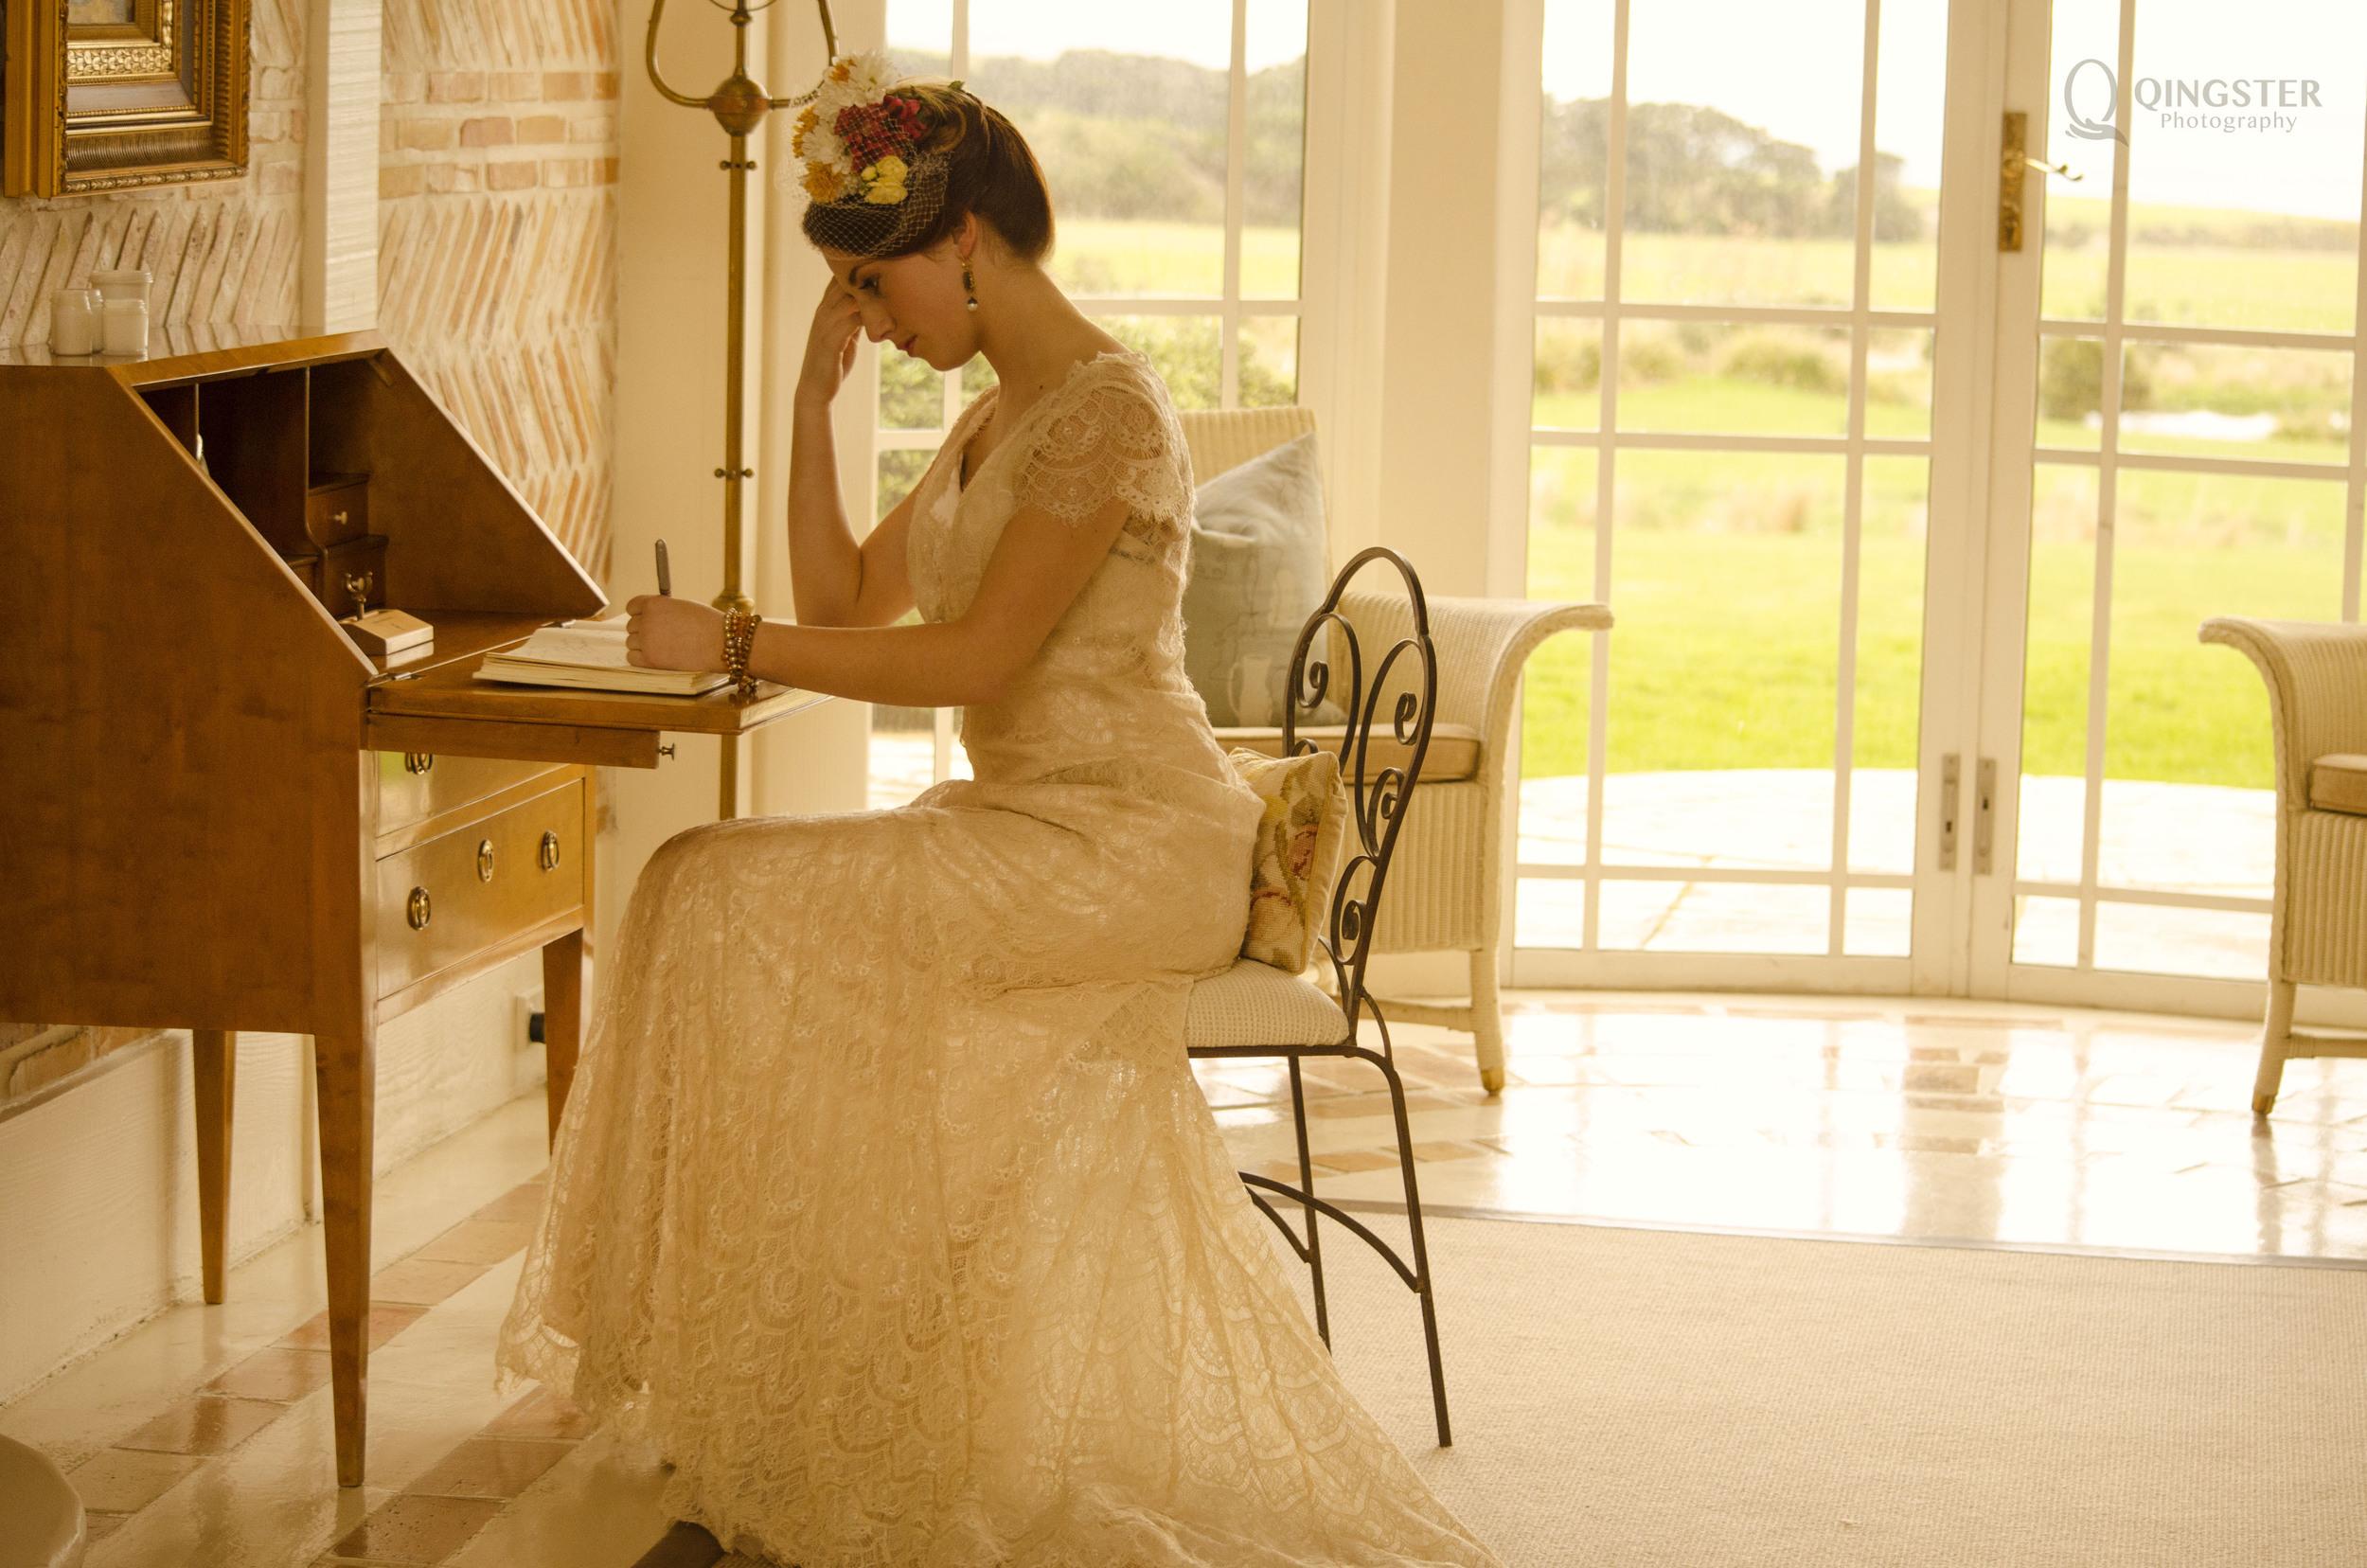 Edwardian  时代的家具,大量使用藤编材质,花草纹样也被广泛应用到各类家居产品之中。。。